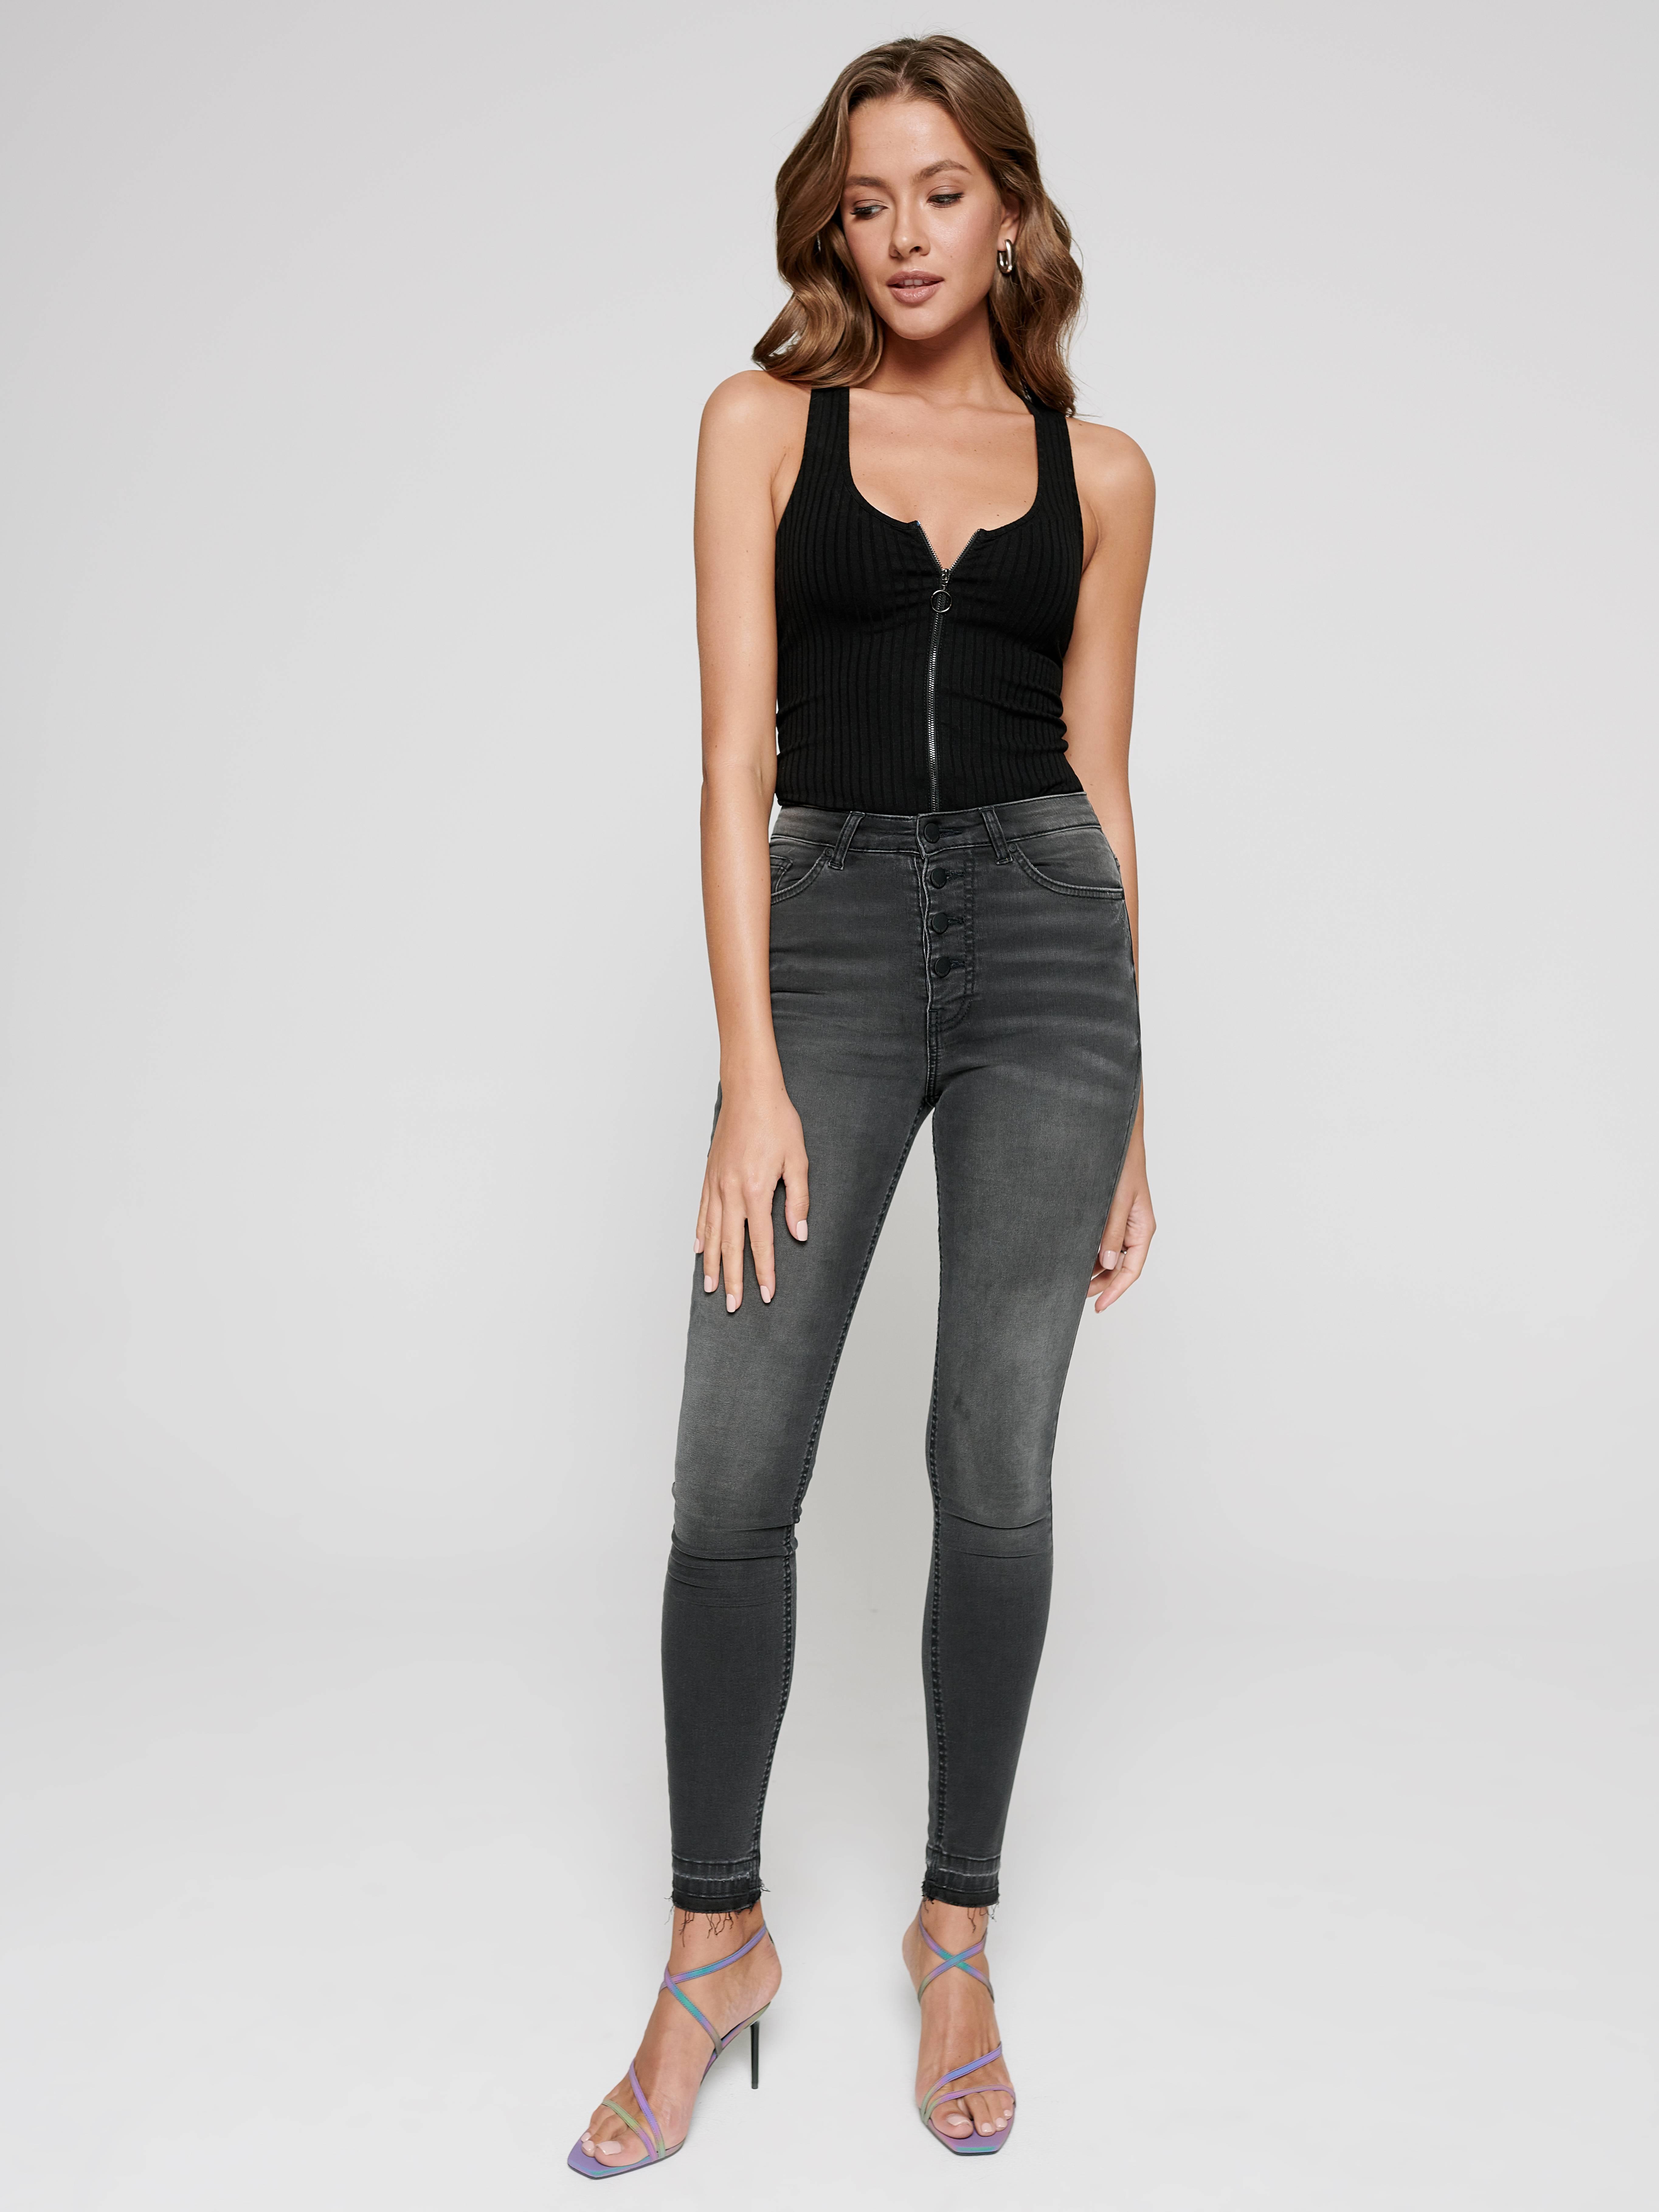 Фото 2 - Брюки джинсовые ⭐️ Моделирующие eco-friendly джинсы skinny с высокой посадкой CON-225 Lycra® ⭐️ цвет washed black